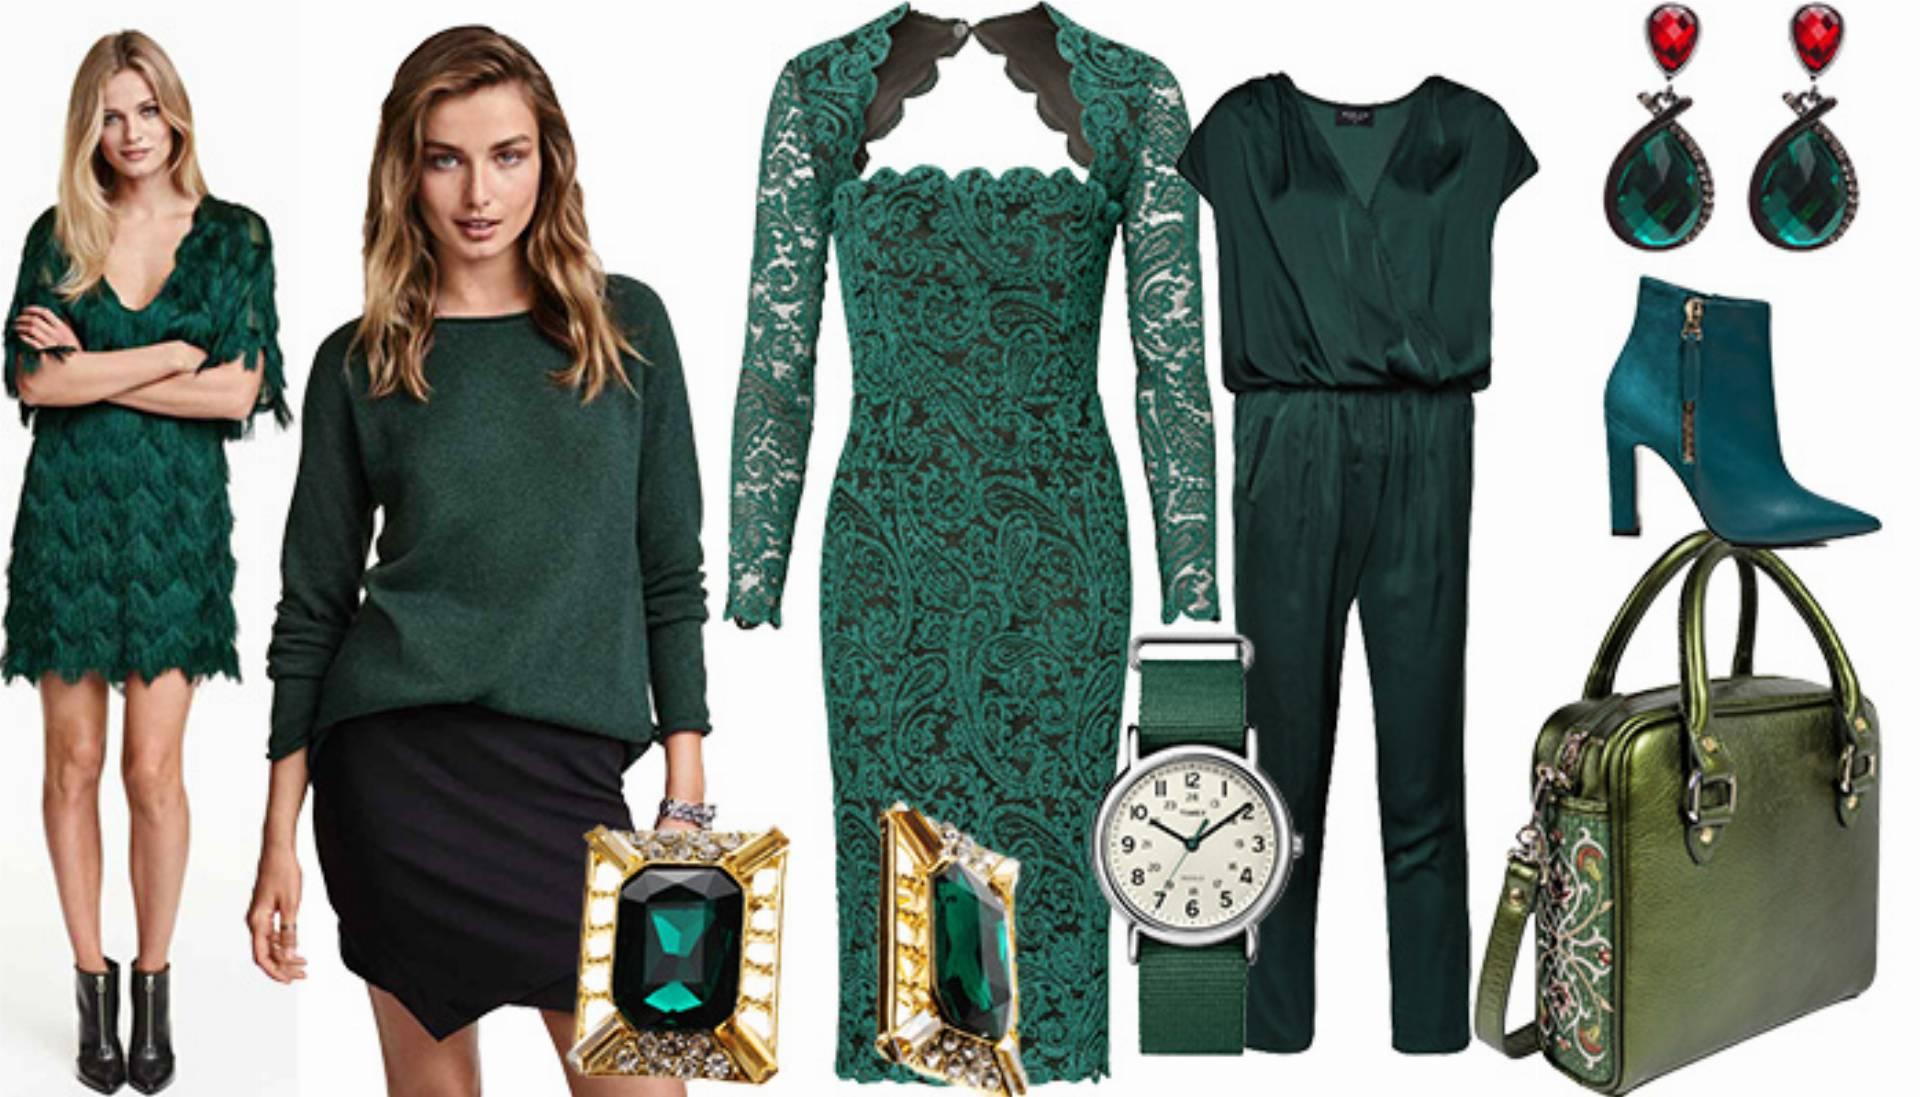 29e1d29489 Shoppingowy przegląd  Zielone ubrania i dodatki na sezon jesień ...